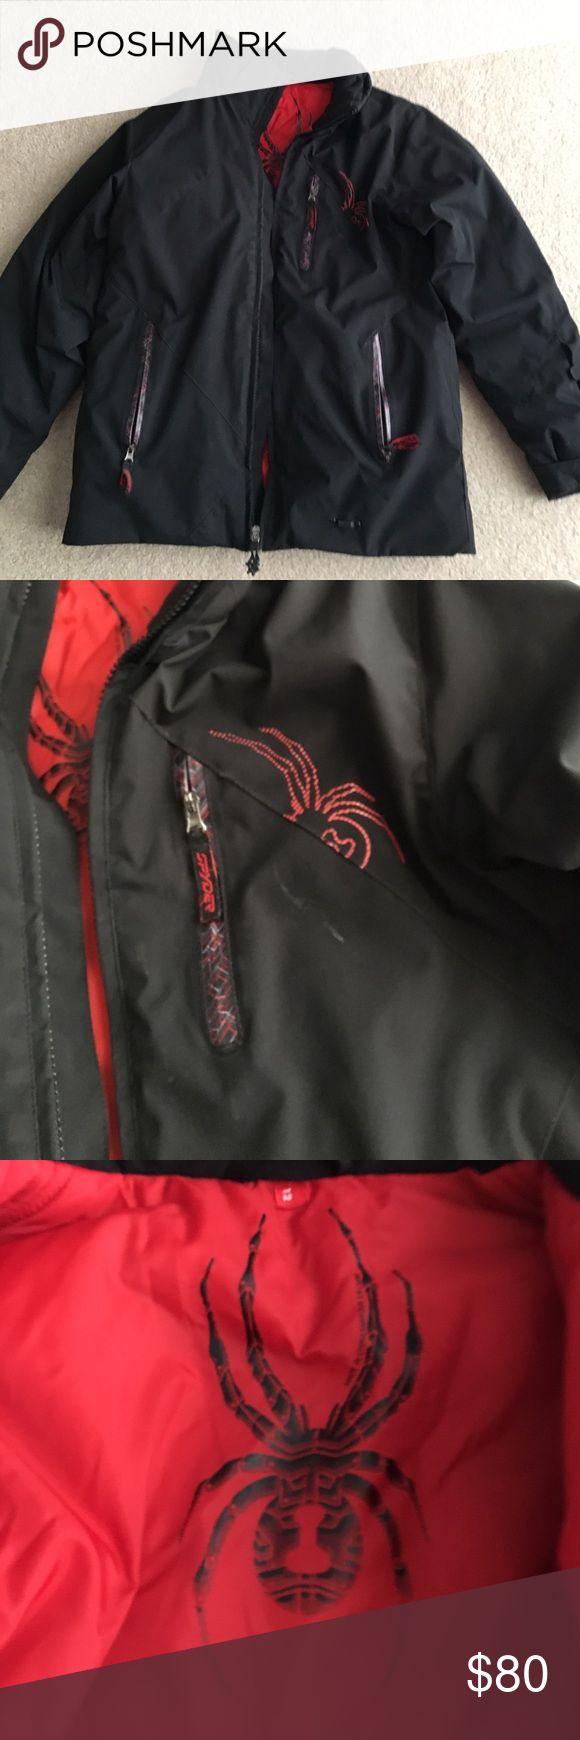 Spyder Boys Winter Coat- Size 12 Great Shape worn one season Spyder Jackets & Coats Puffers